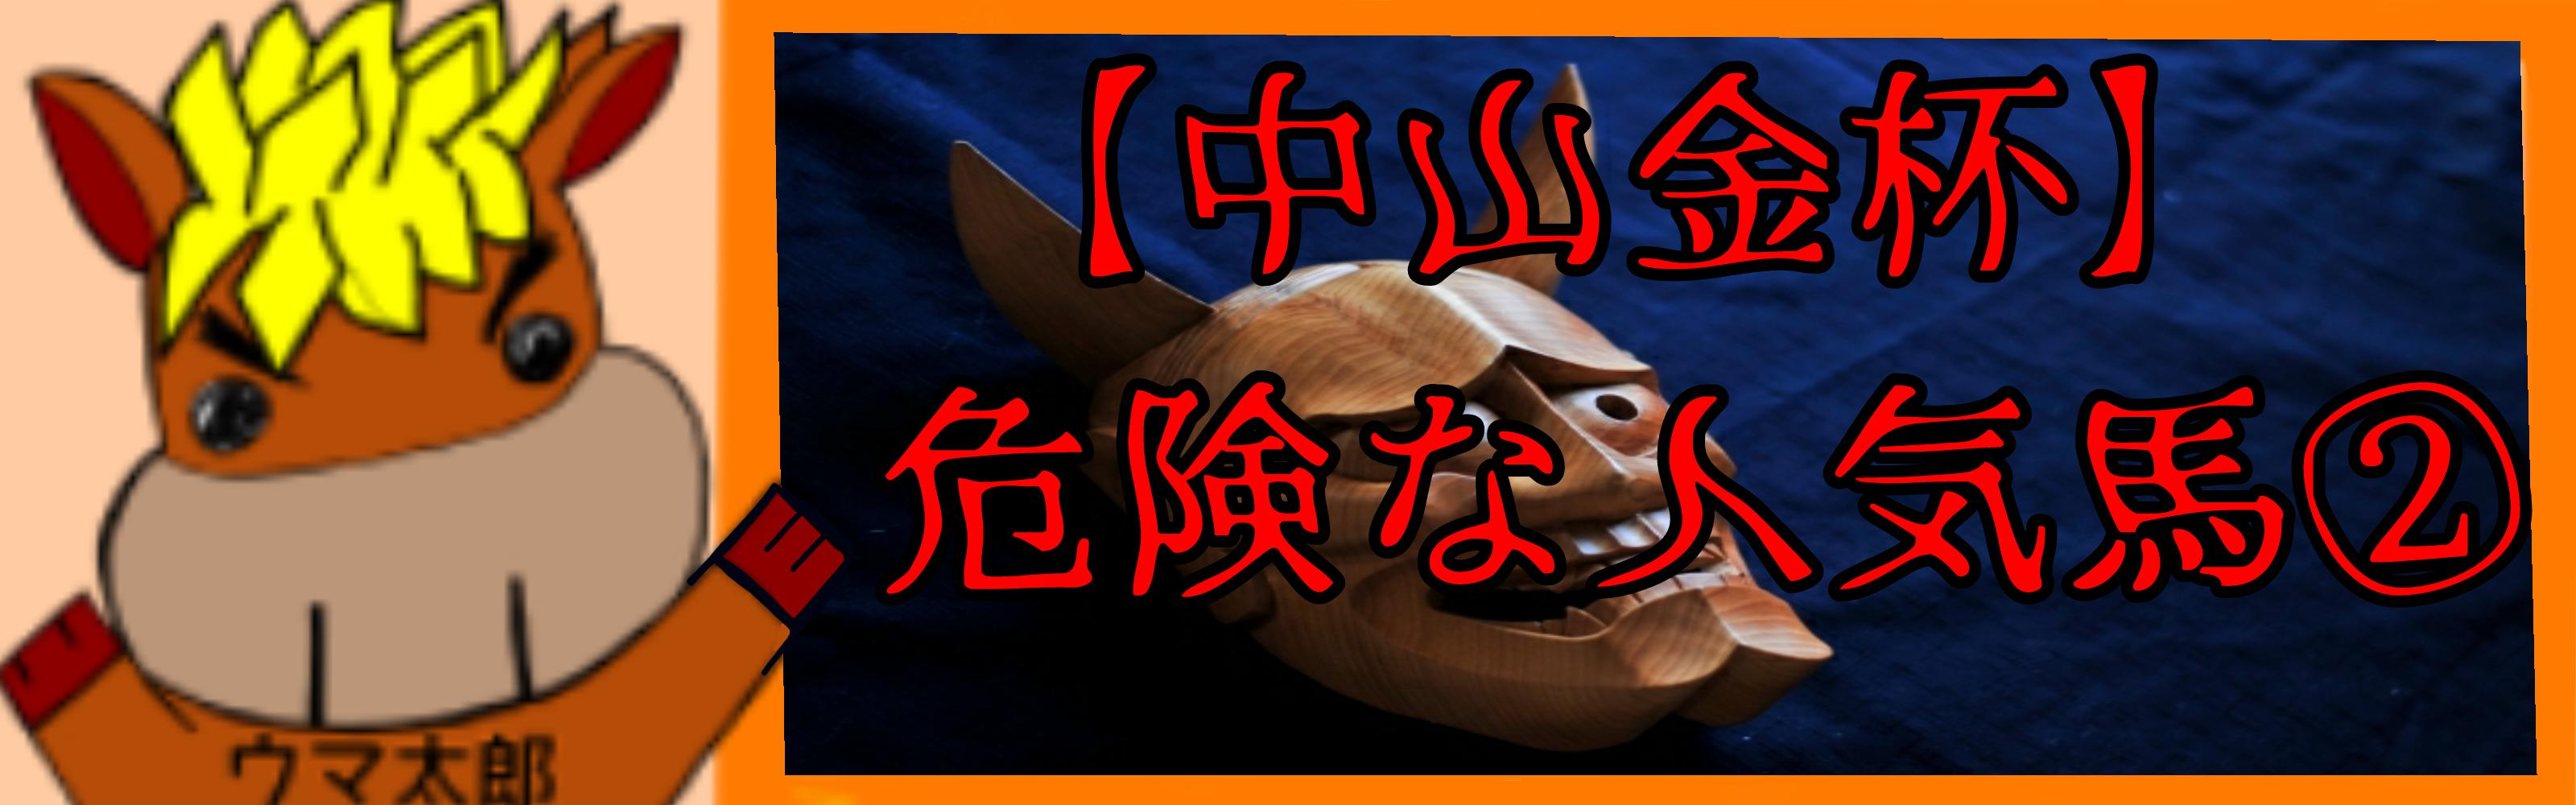 【中山金杯】危険な人気馬2